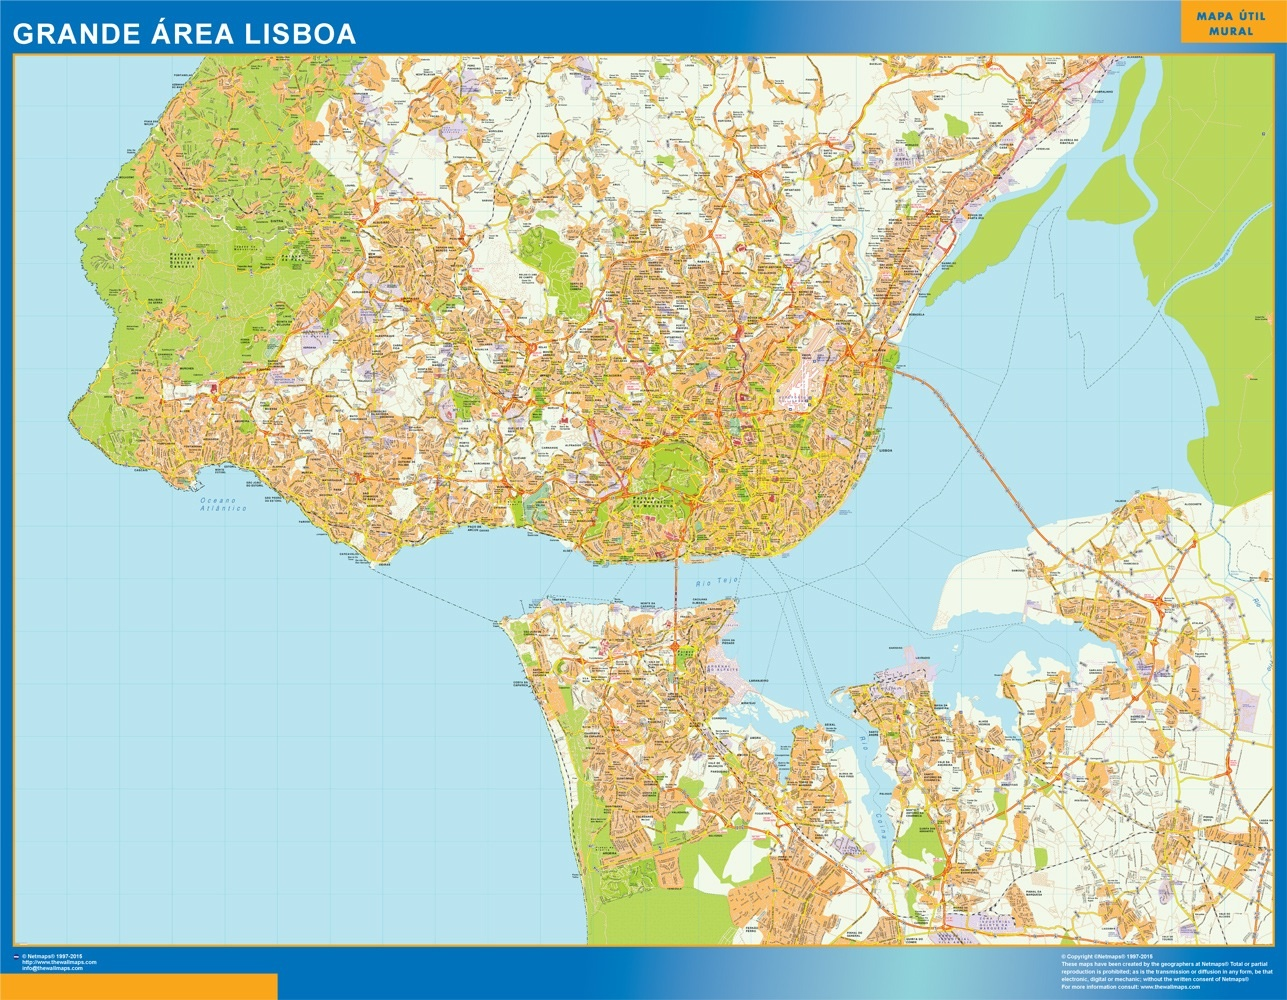 mapa do lisboa Lisboa Mapa Grande Area Magnetico – Netmaps. Mapas de España y del  mapa do lisboa